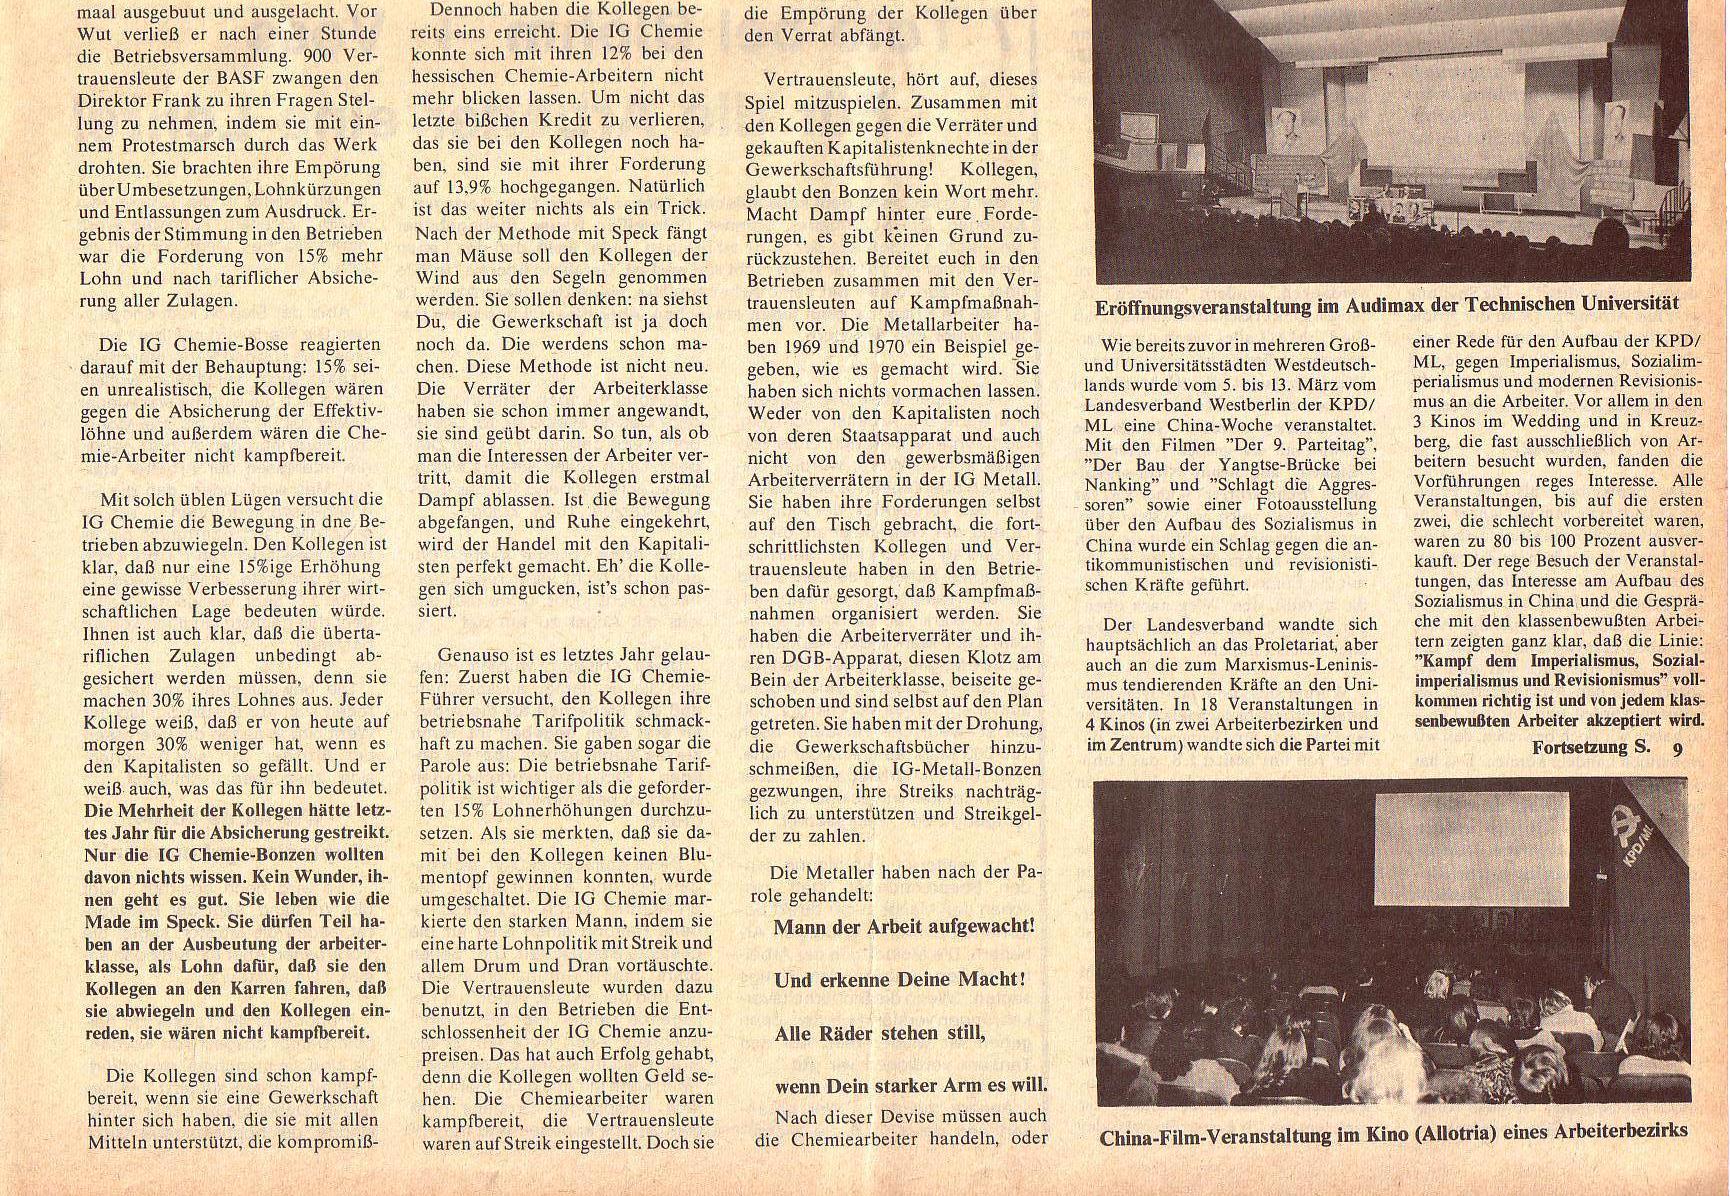 Roter Morgen, 5. Jg., April 1971, Nr. 4, Seite 5b